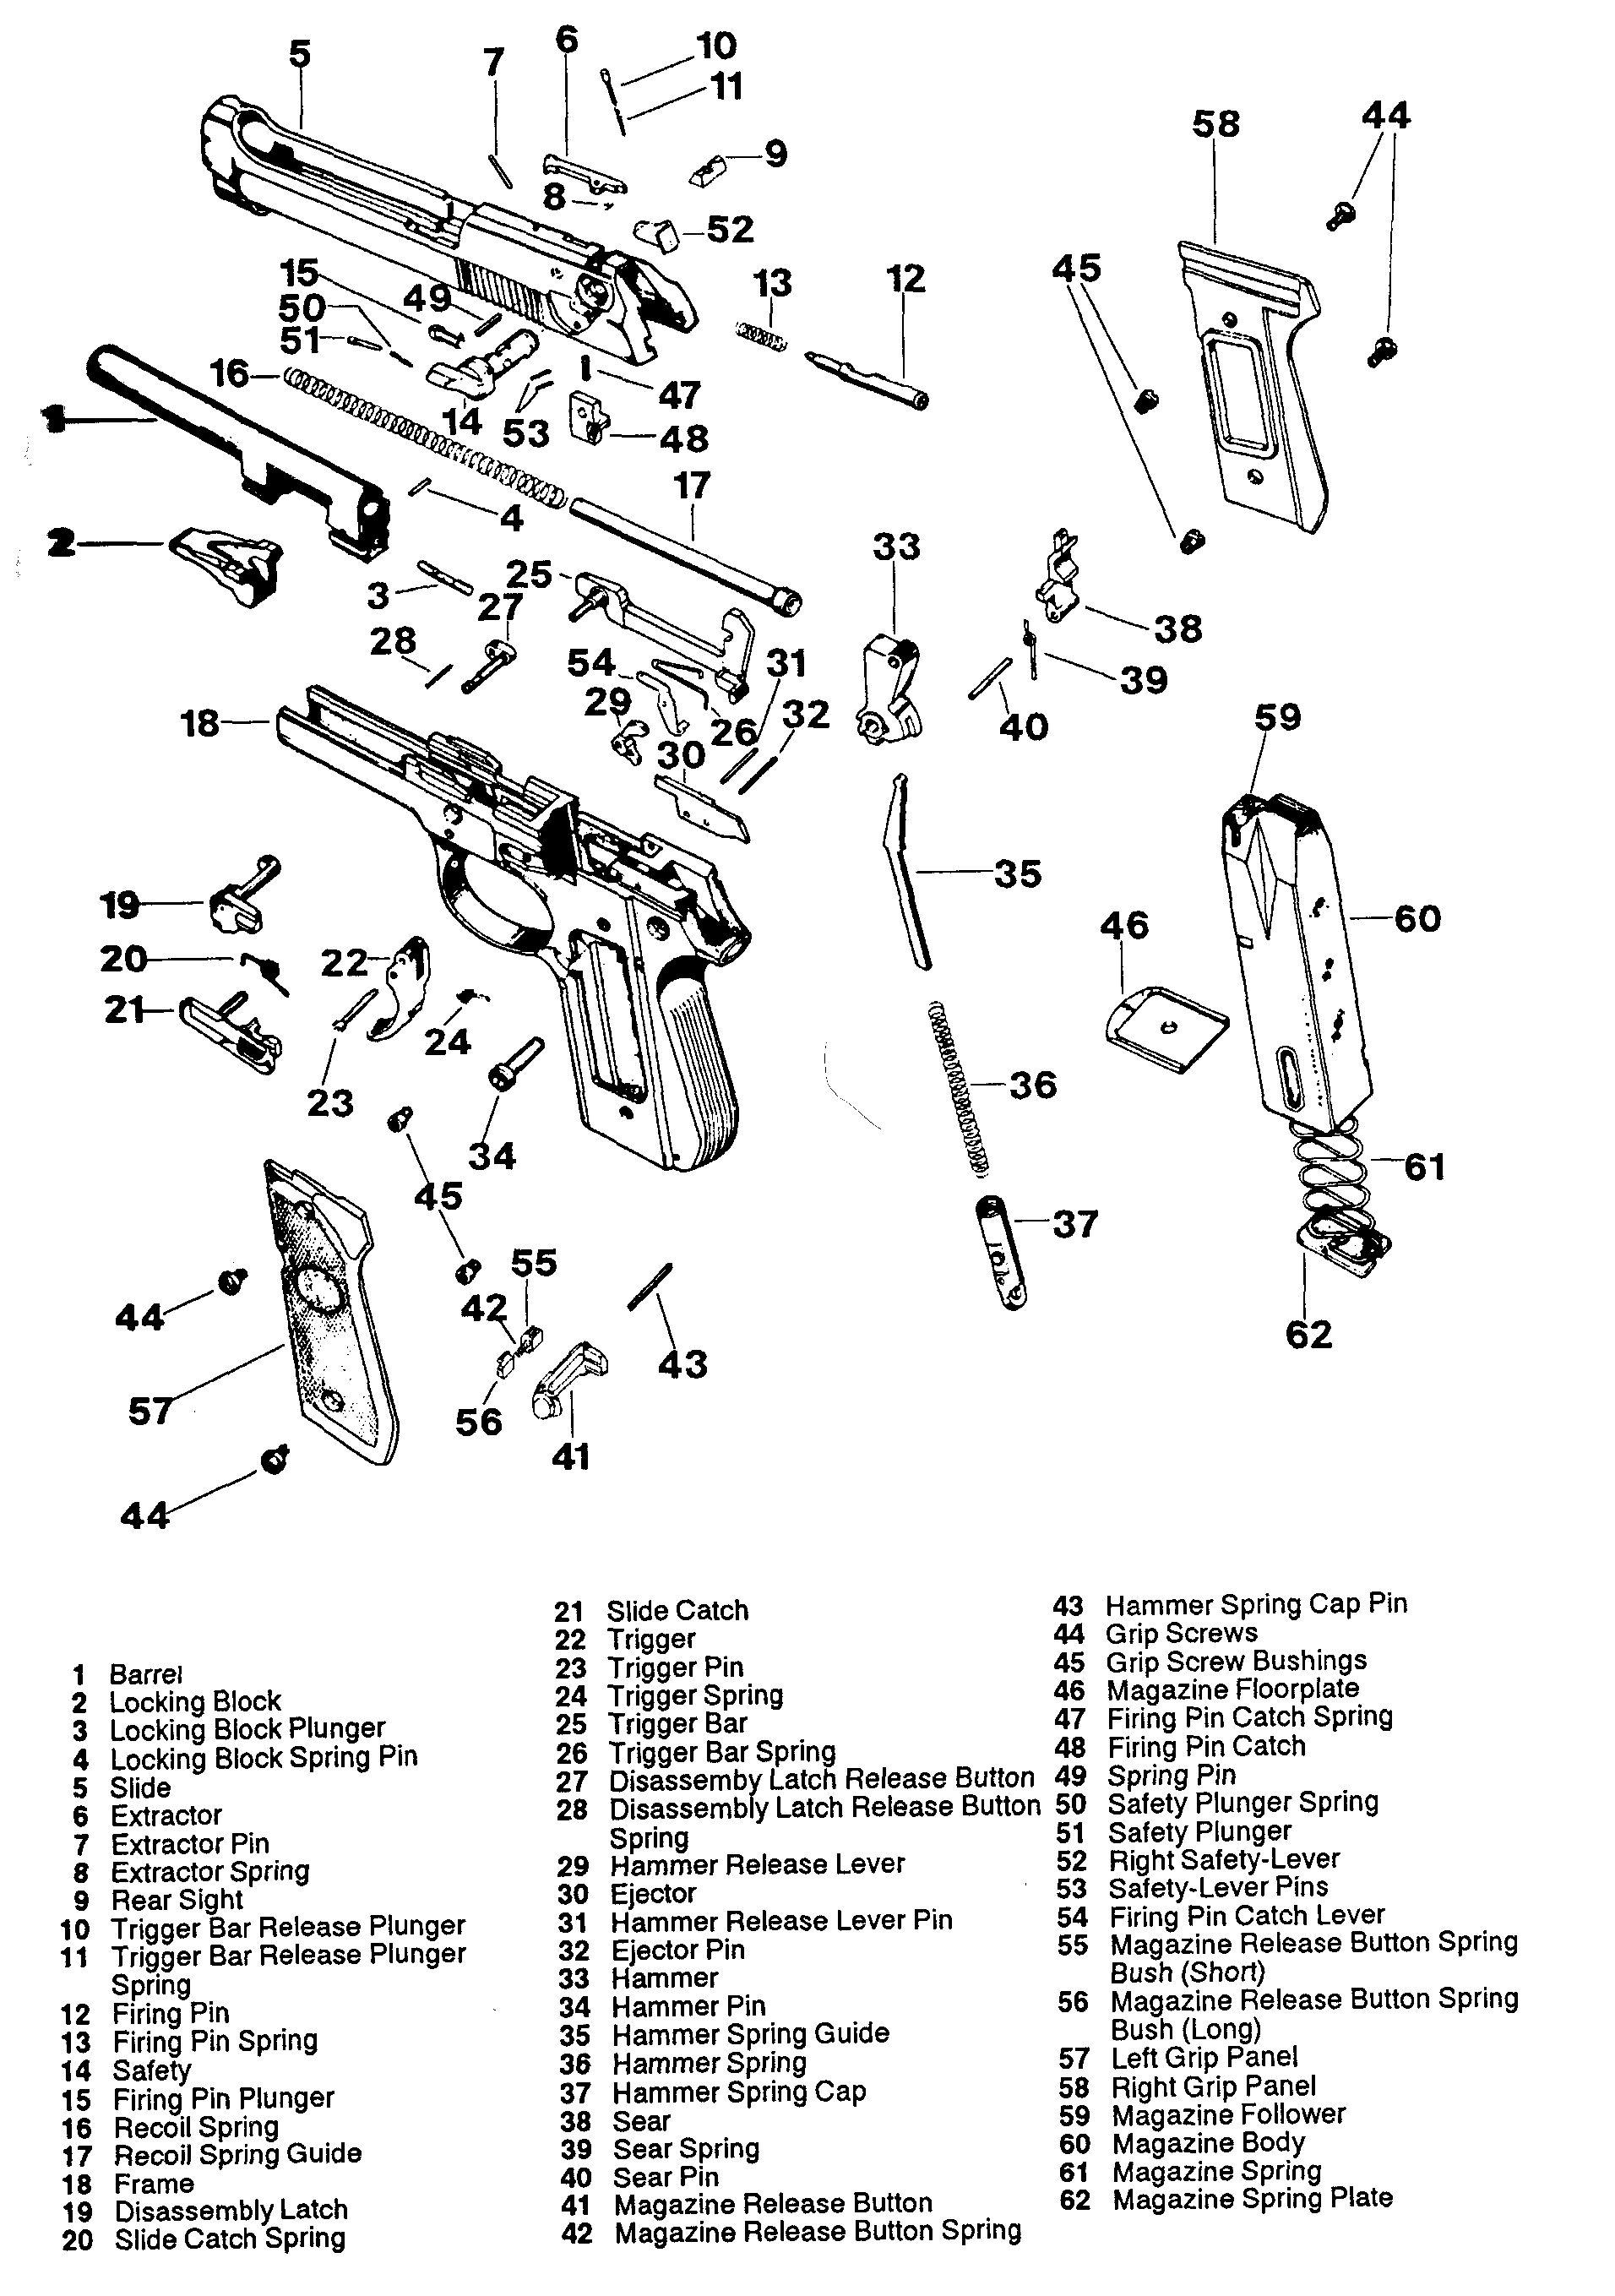 carabine hk 940 manuel d'utilisation